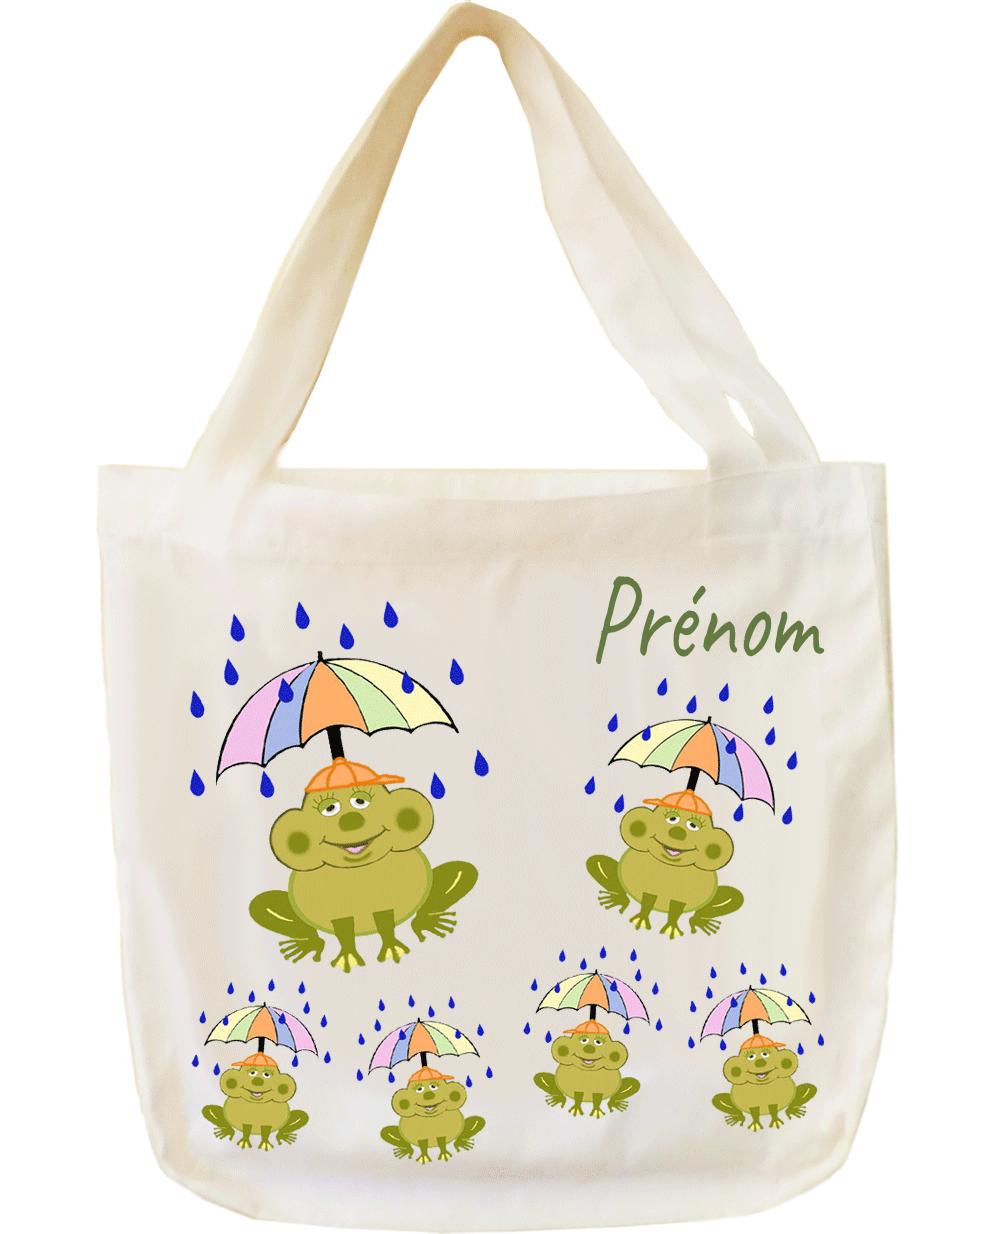 tote-bag;sac;cabas;texti;cadeaux;personnalisable;personnalisation;personnalise;prenom;animal;grenouille;parapluie